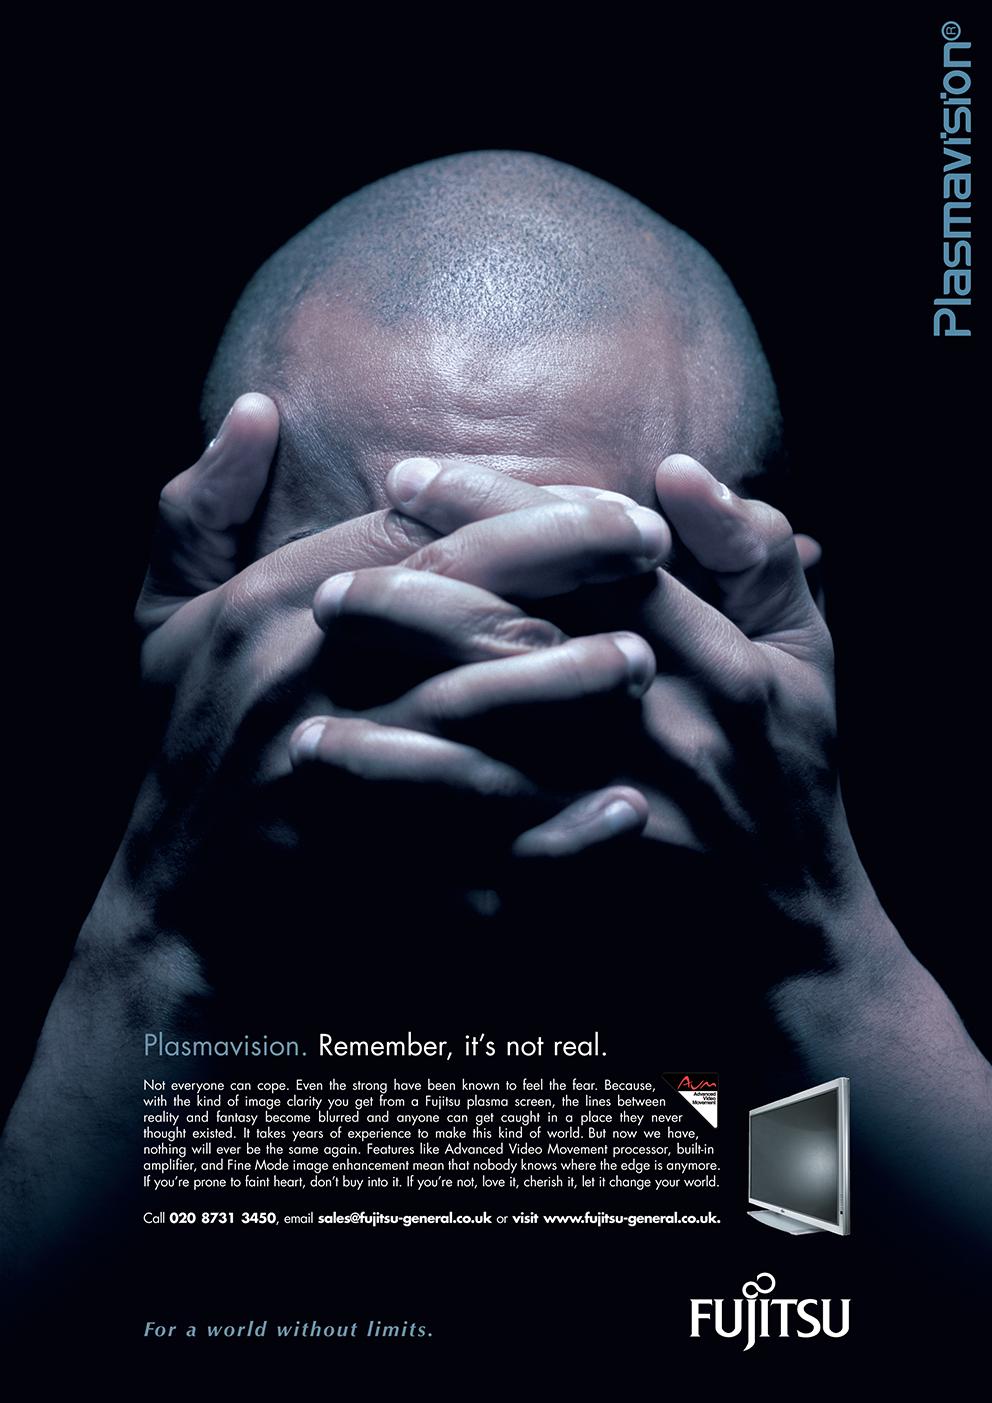 Fujitsu_Clapsed Hands.jpg